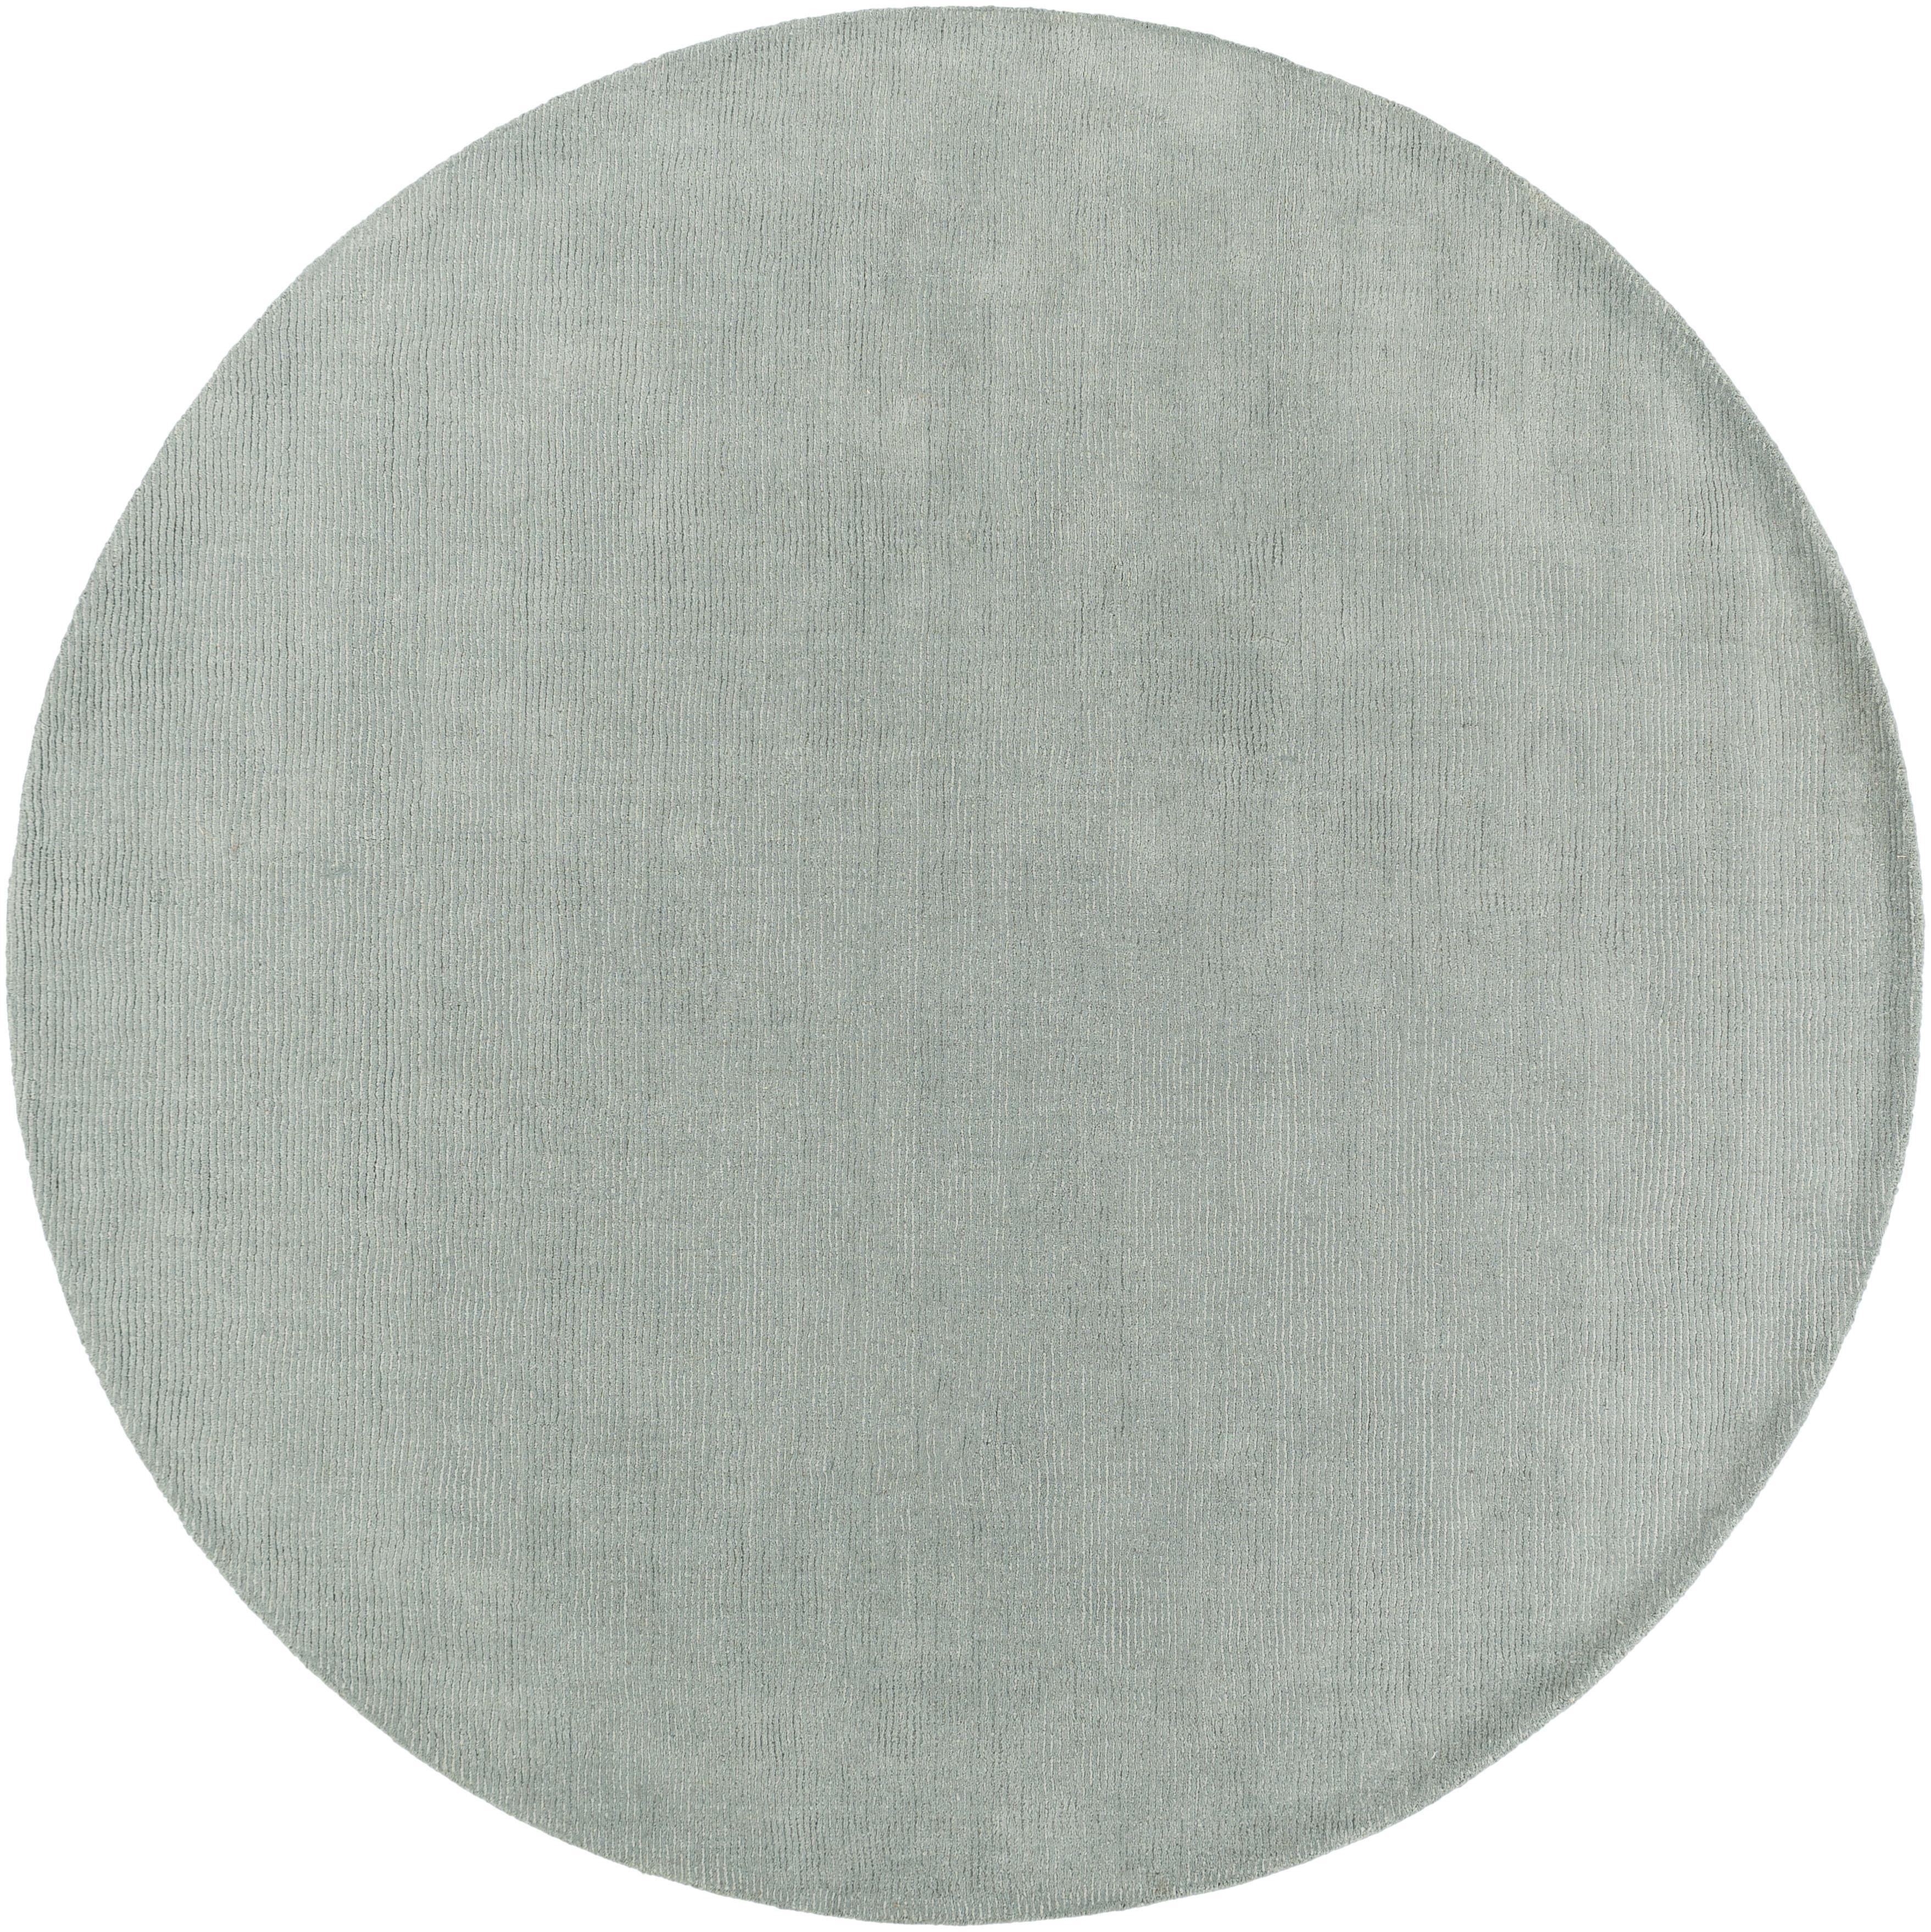 Surya Mystique 6' Round - Item Number: M5328-6RD